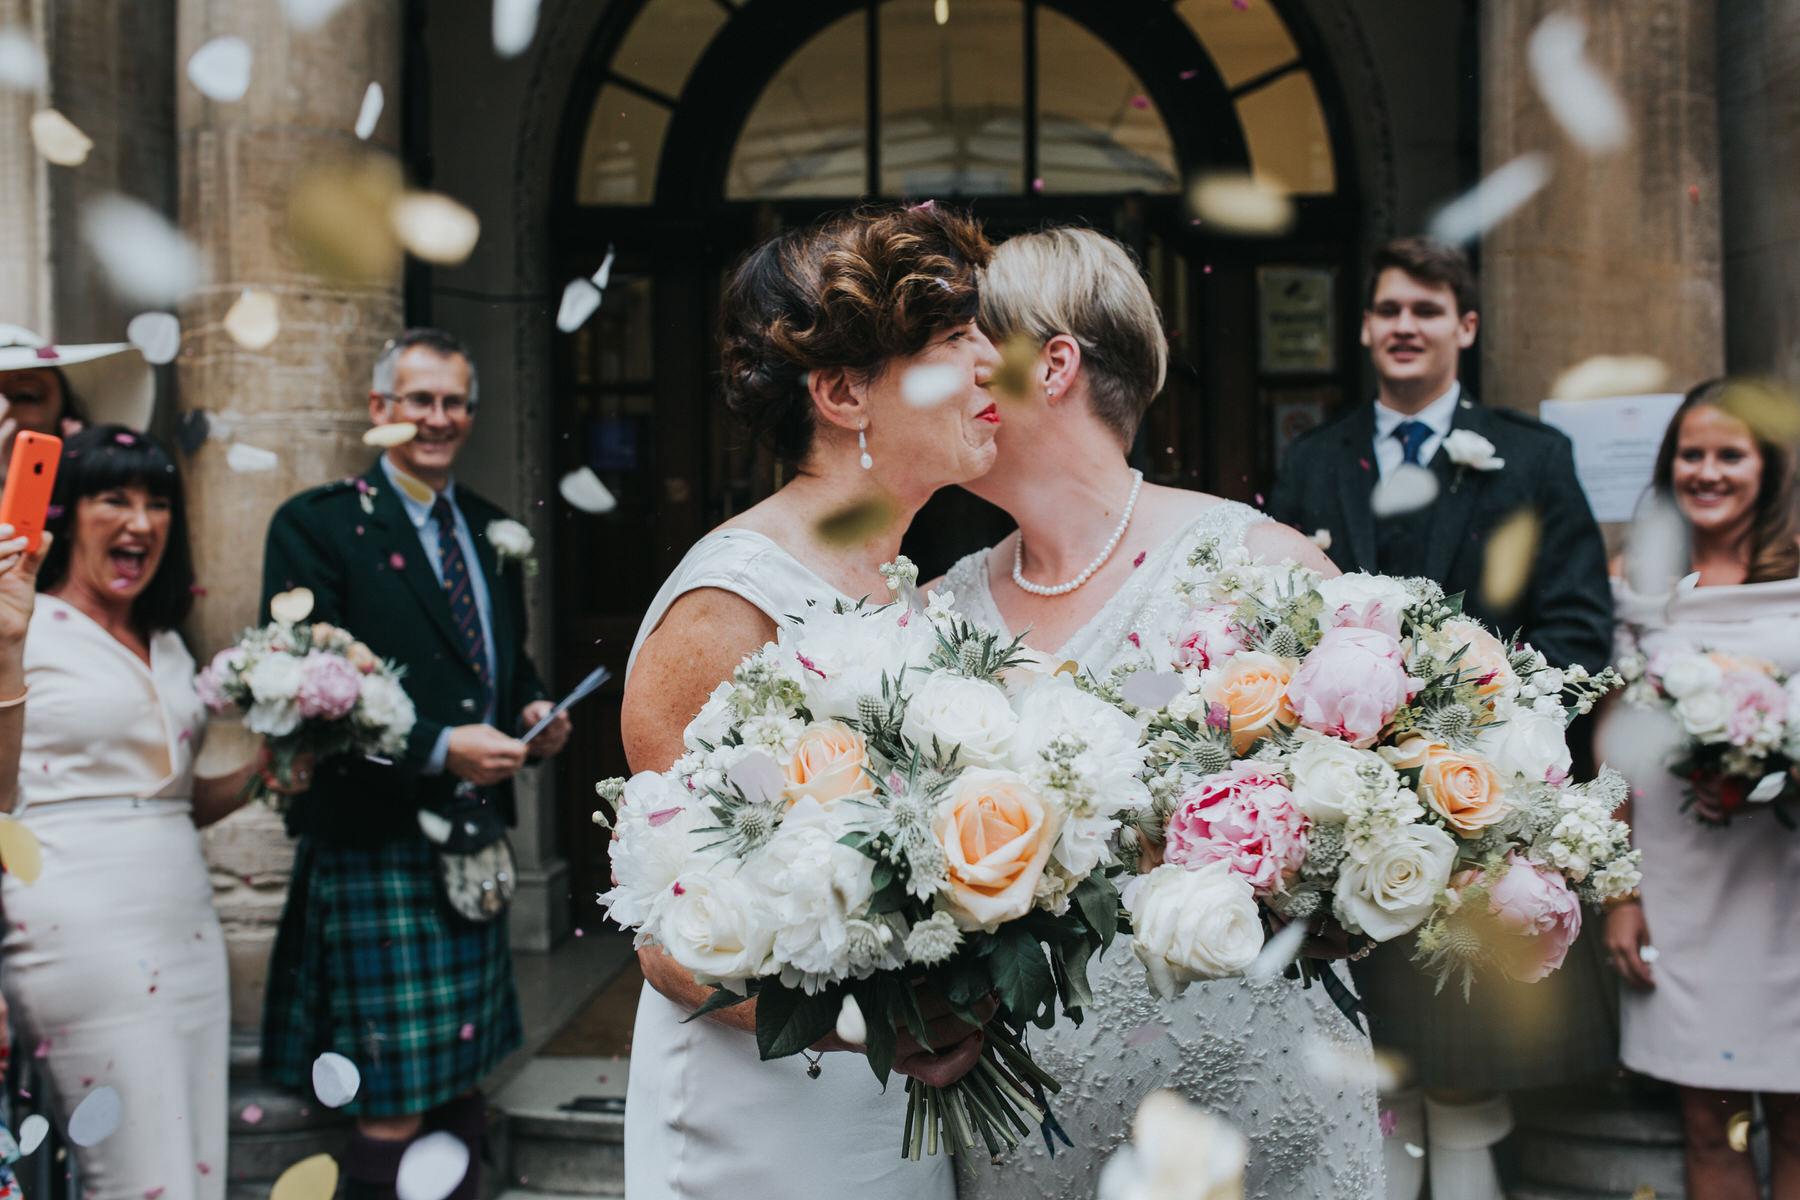 131-Finsbury Town Hall wedding two brides confetti.jpg